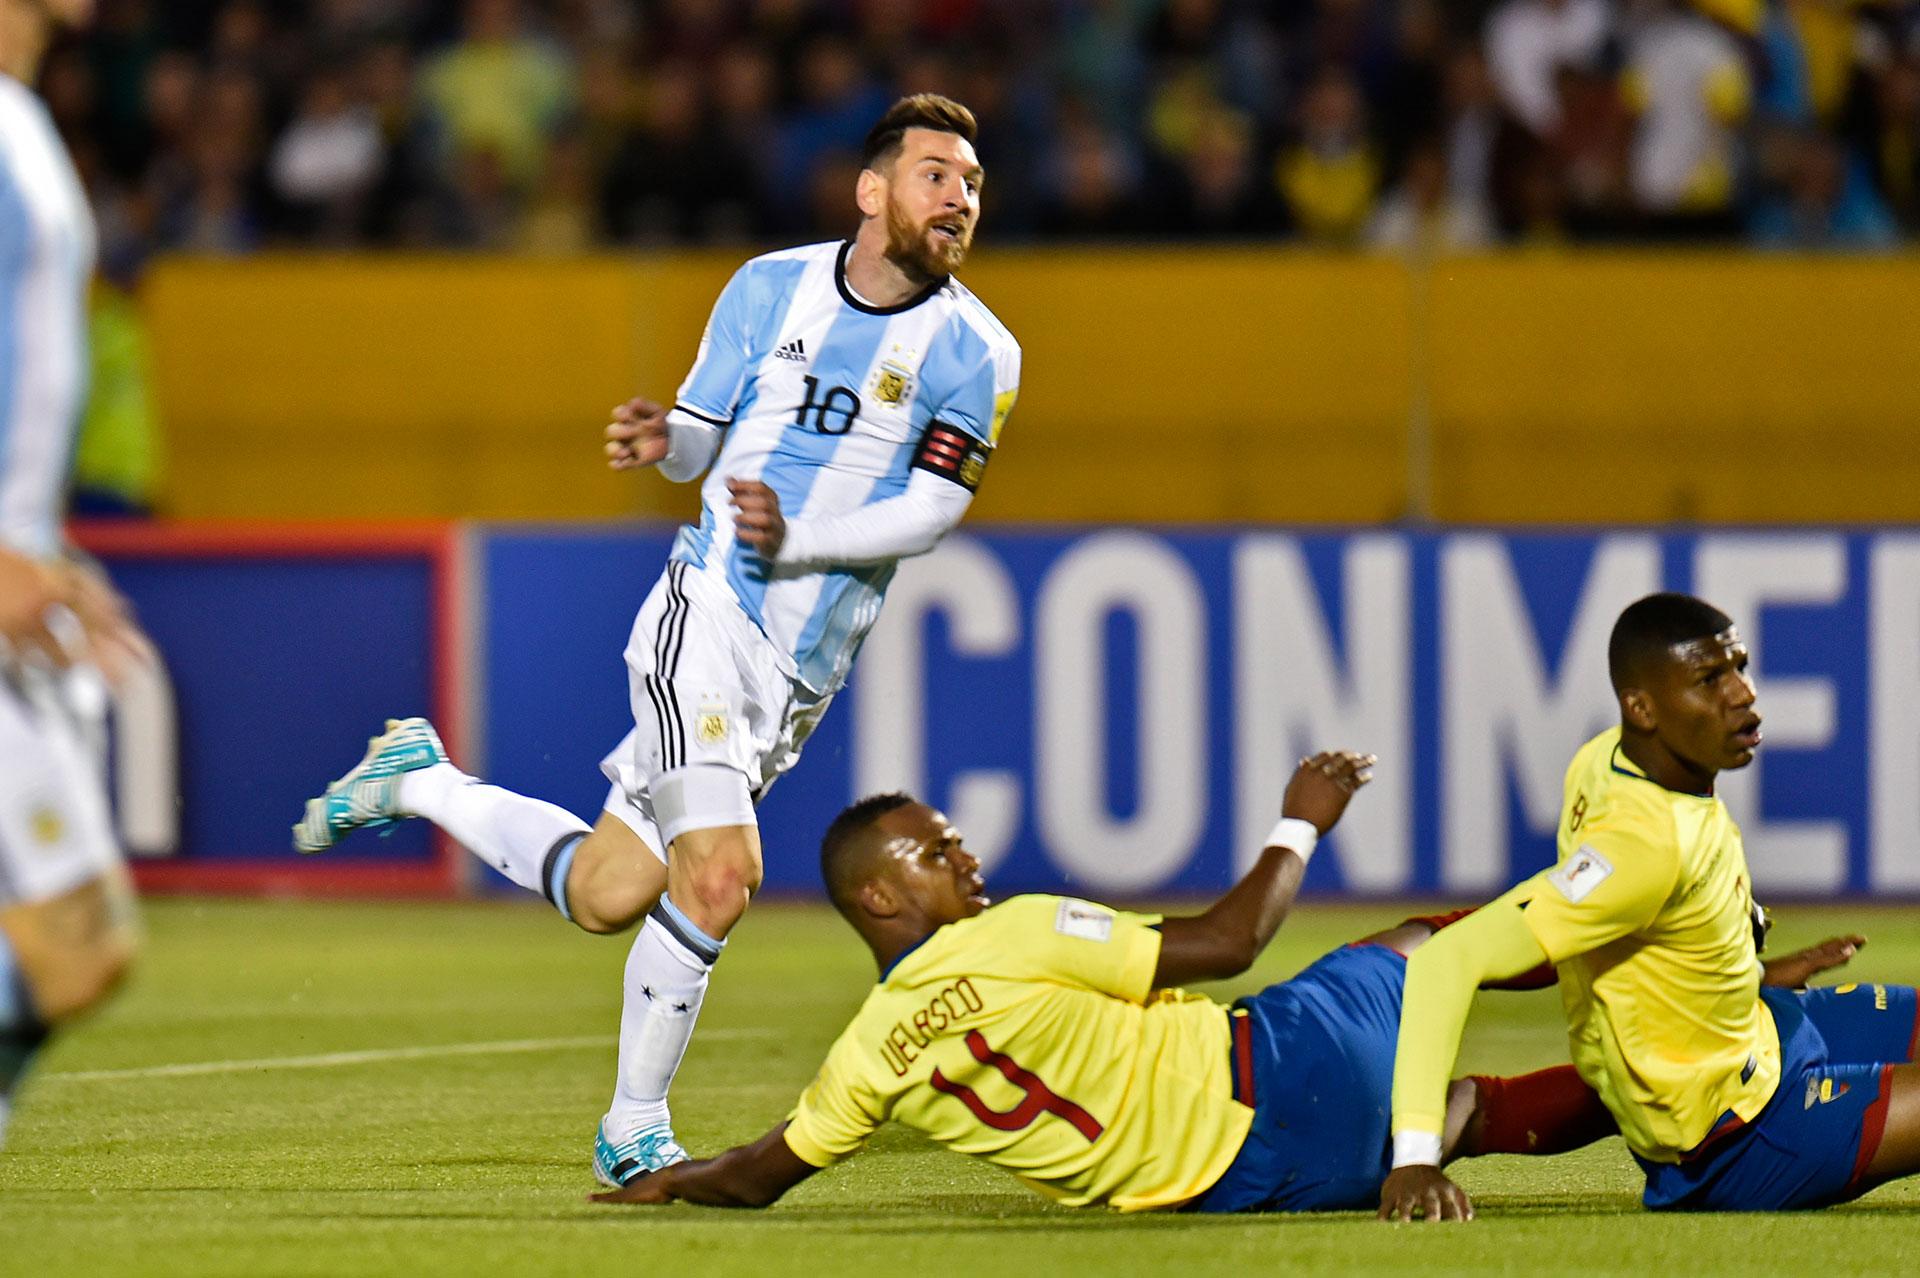 Messi se despachó con tres goles, dos de los cuales fueron por las asistencias de Di María y el tercero con una obra maestra